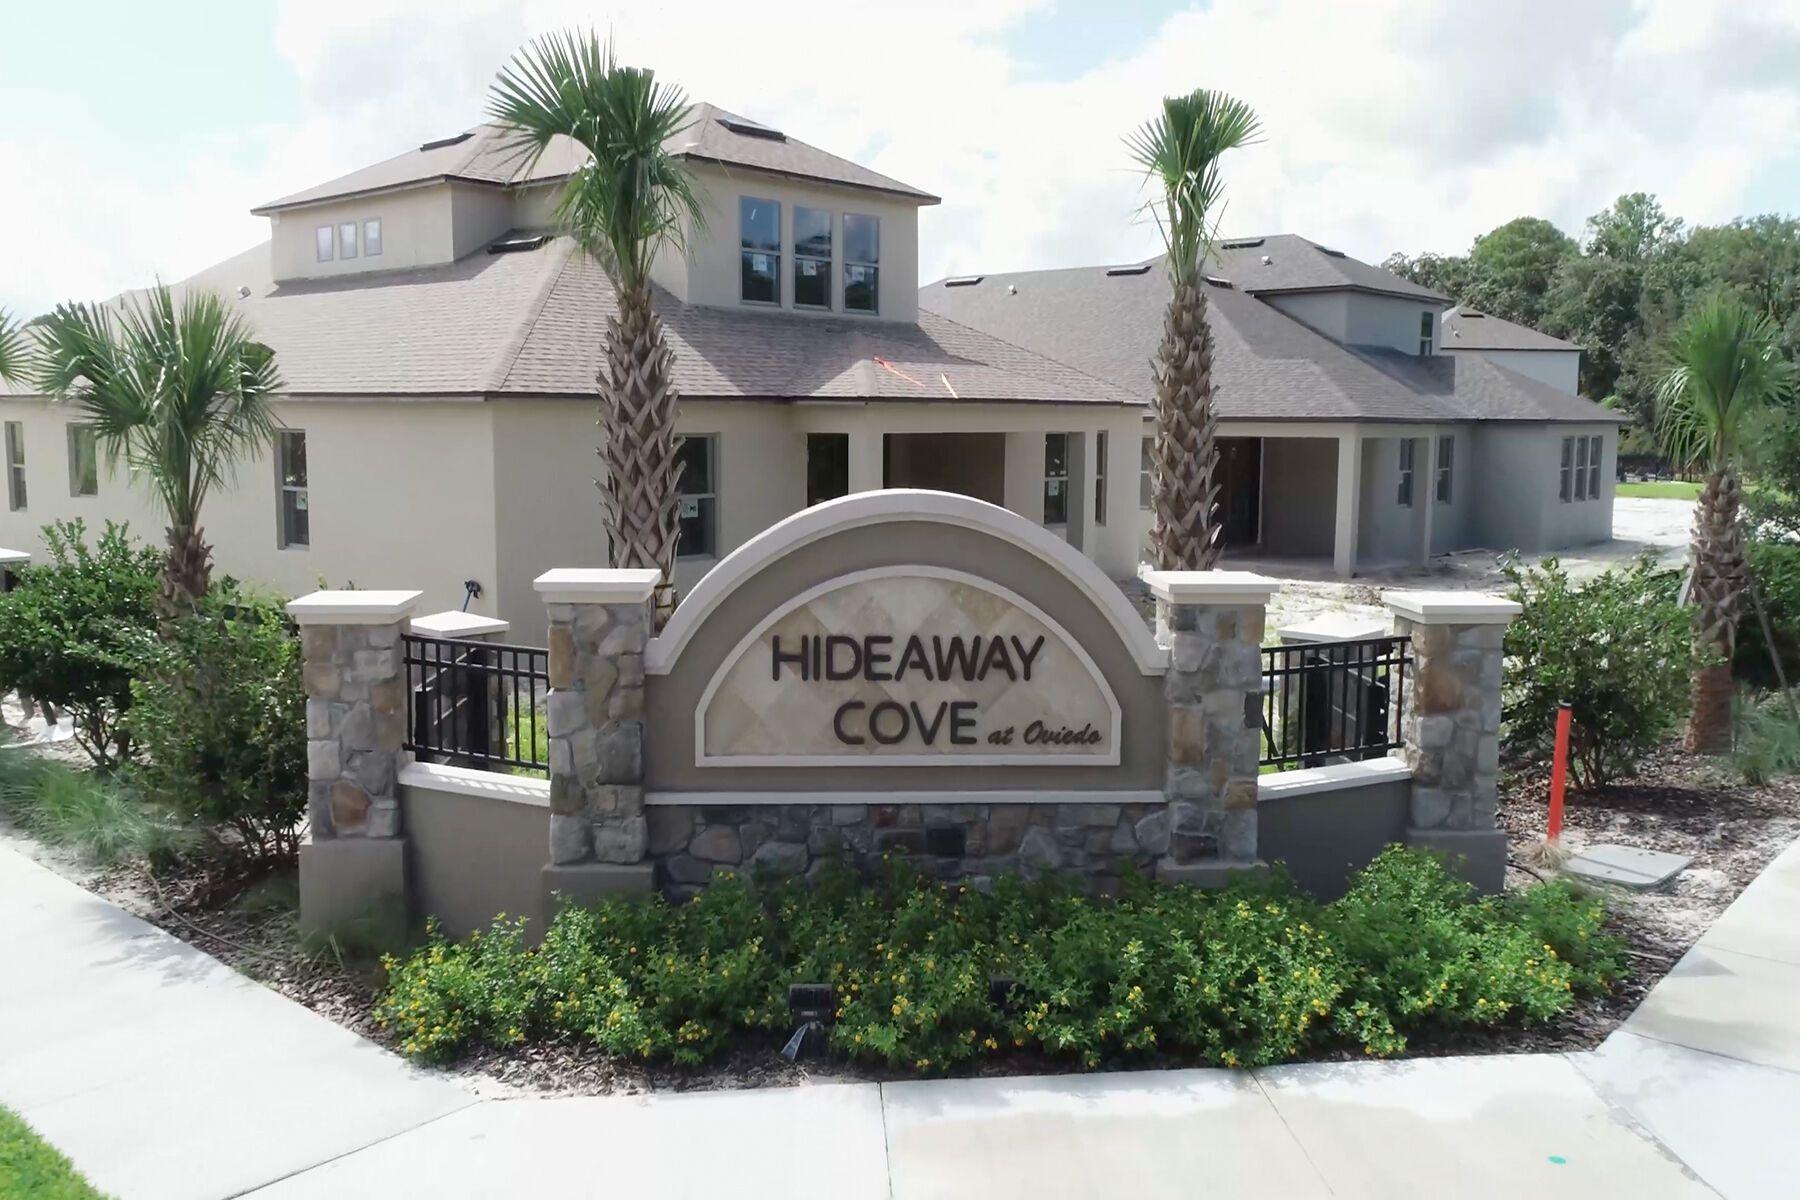 Hideaway Cove Entrance